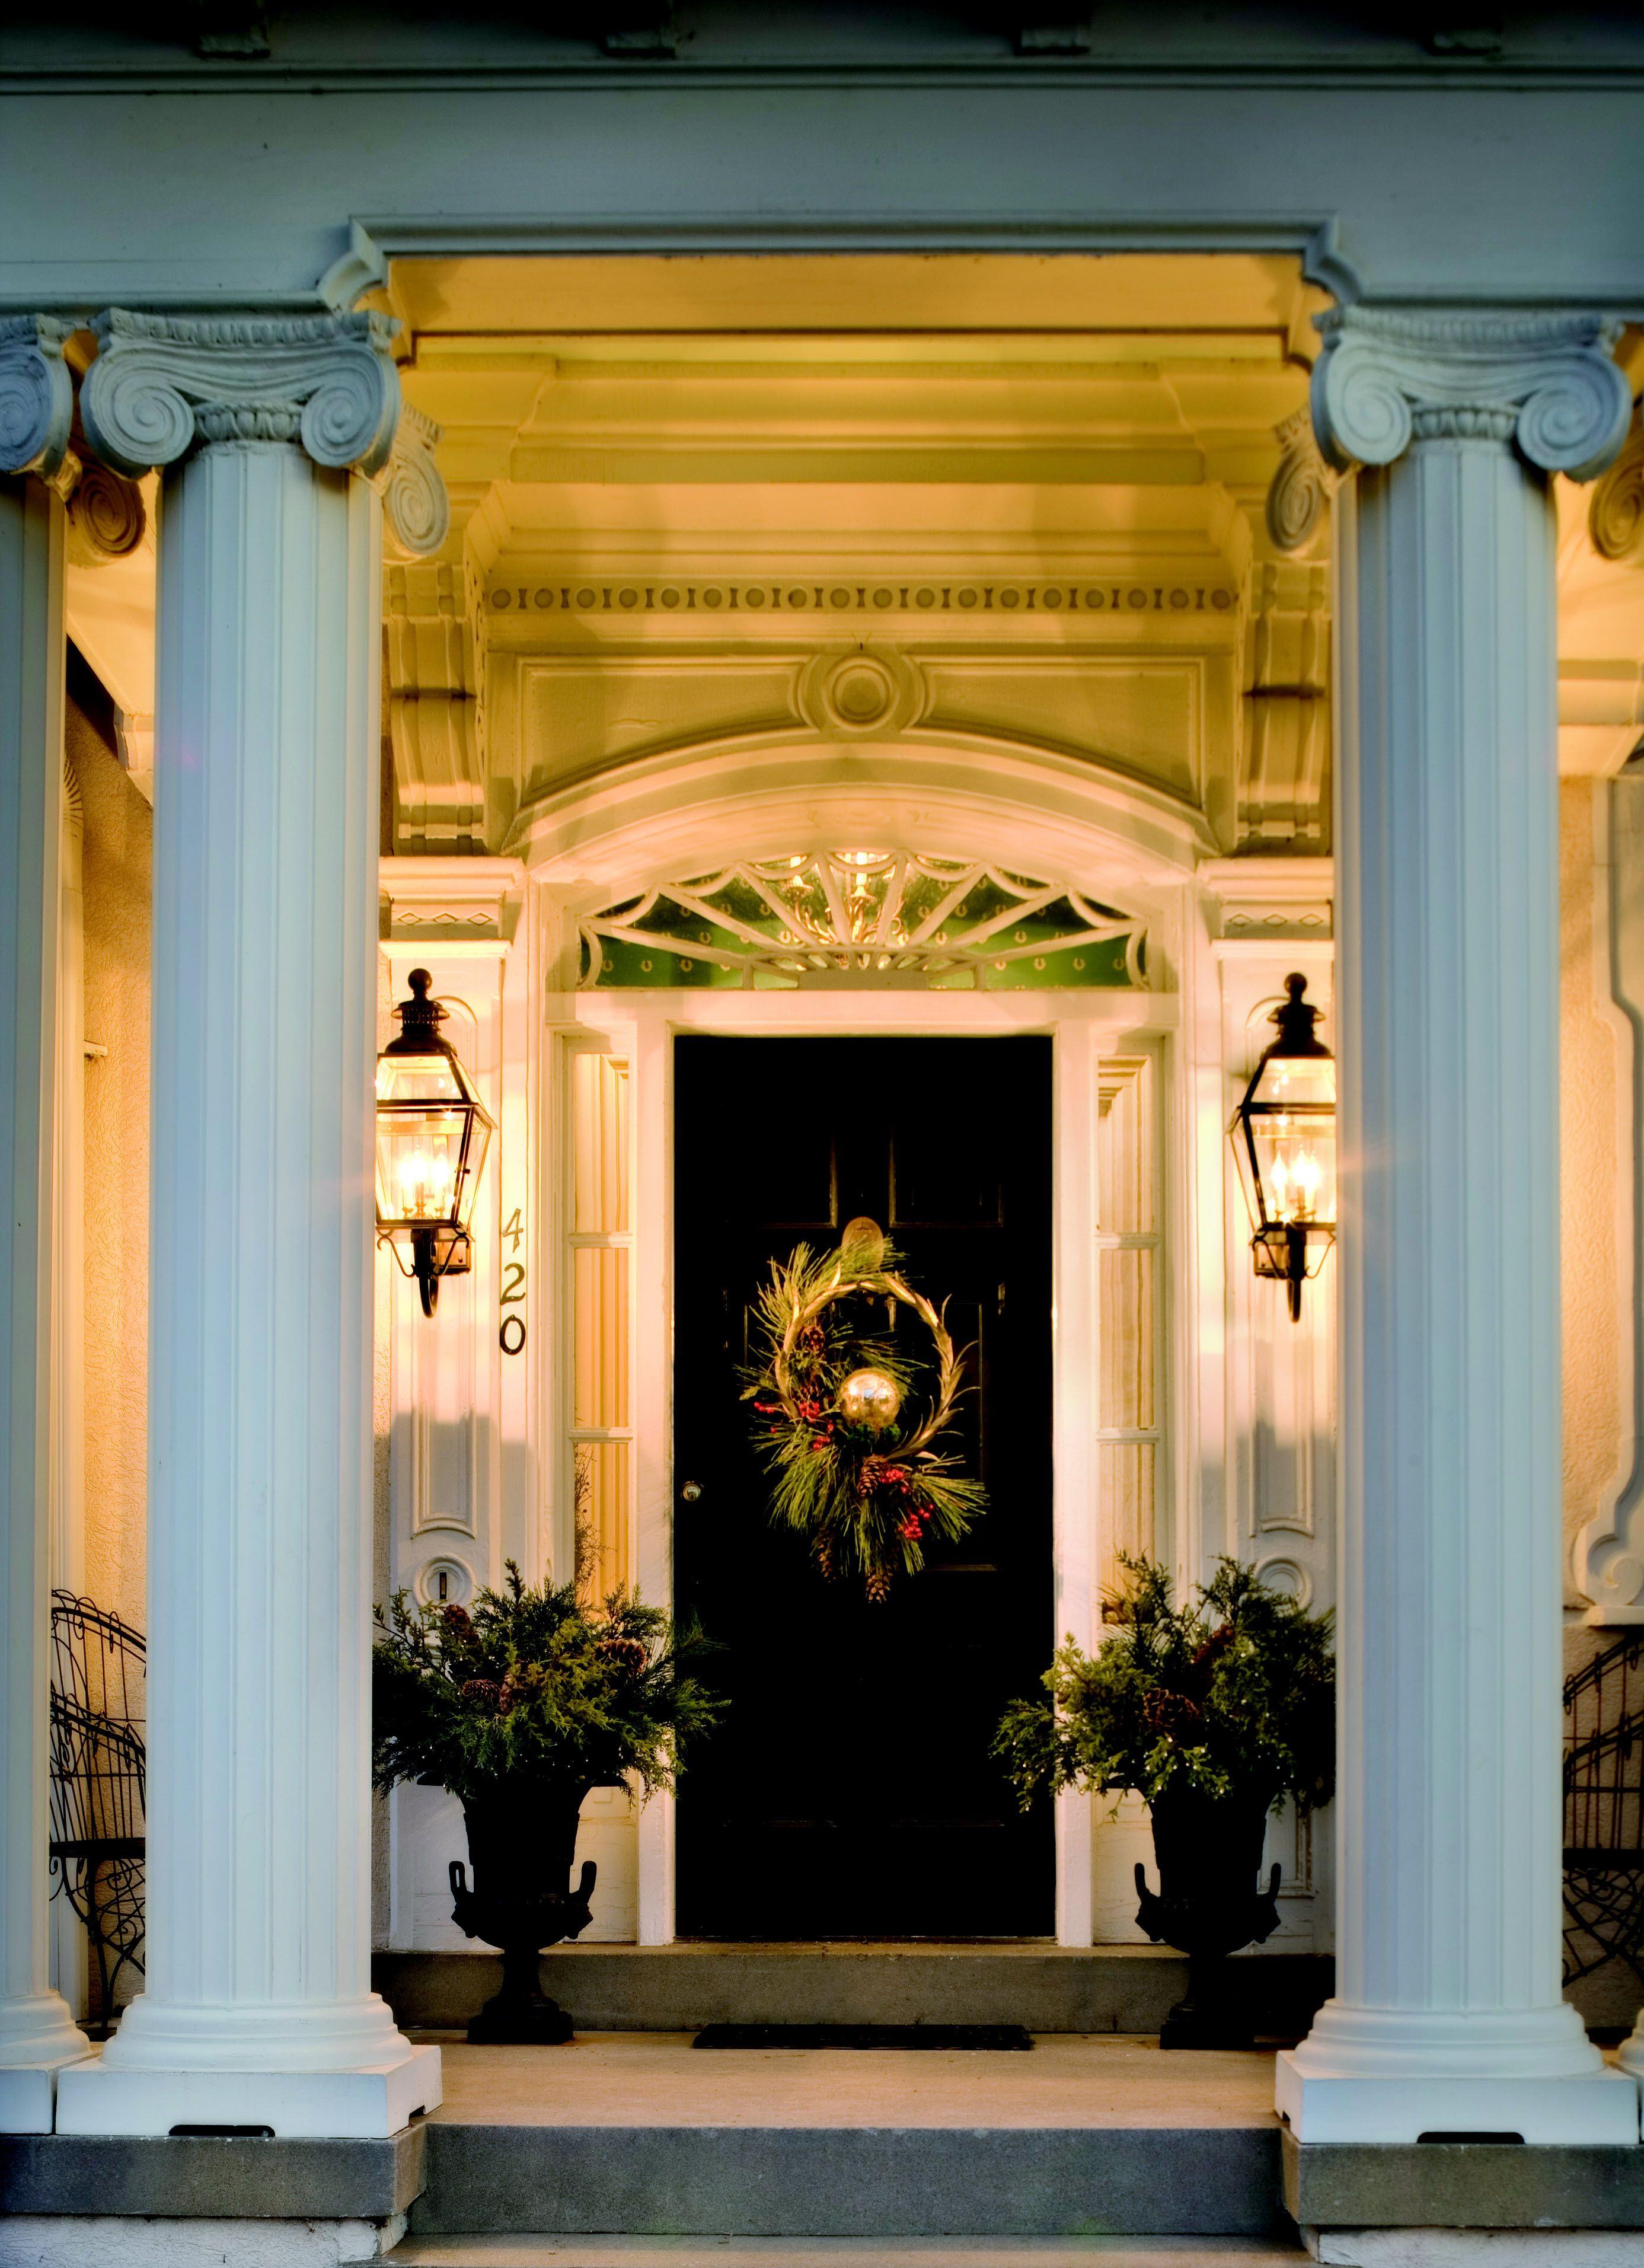 Doors Design: Magnificent Front Door, Lighting & Urns.